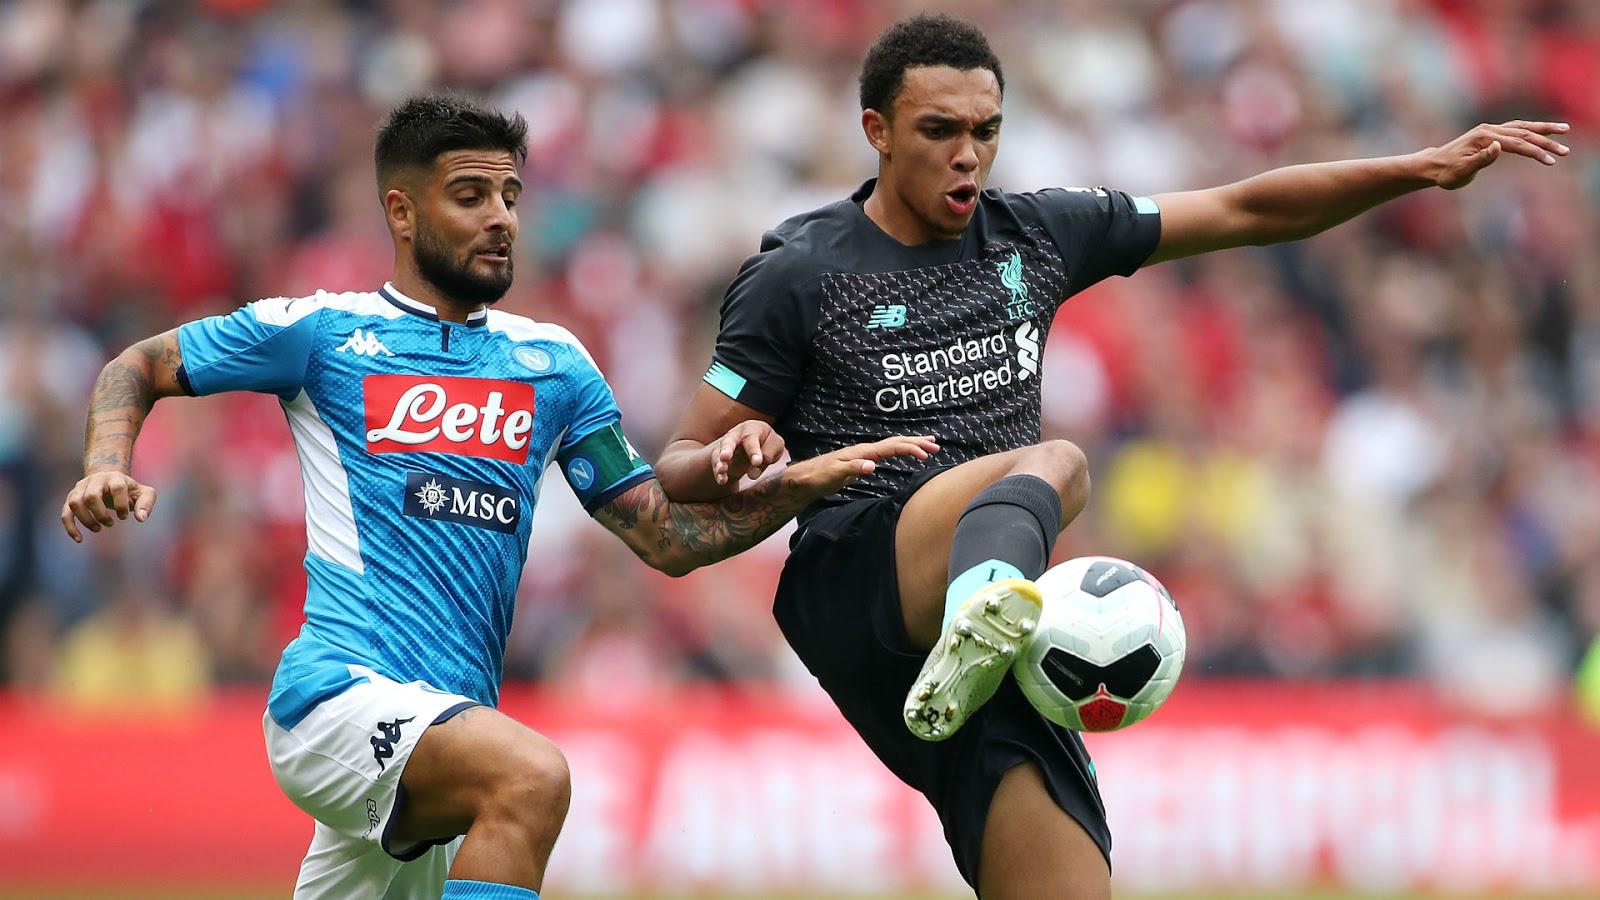 نتيجة مباراة ليفربول وليون بتاريخ 31-07-2019 مباراة ودية